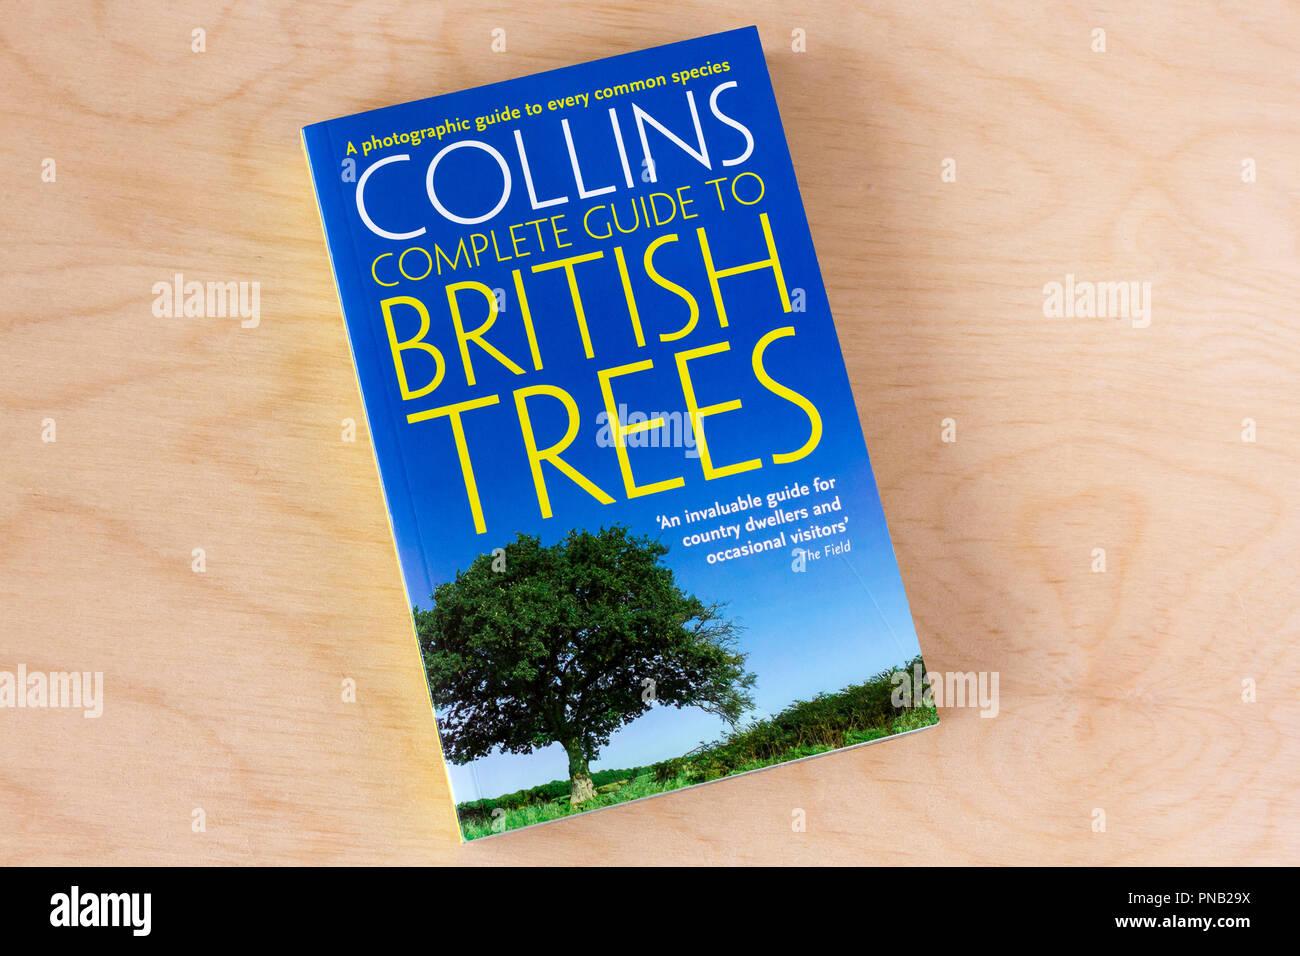 Collins Complete Guide to British Bäume, Natur Resource Guide buchen, Vereinigtes Königreich Stockbild